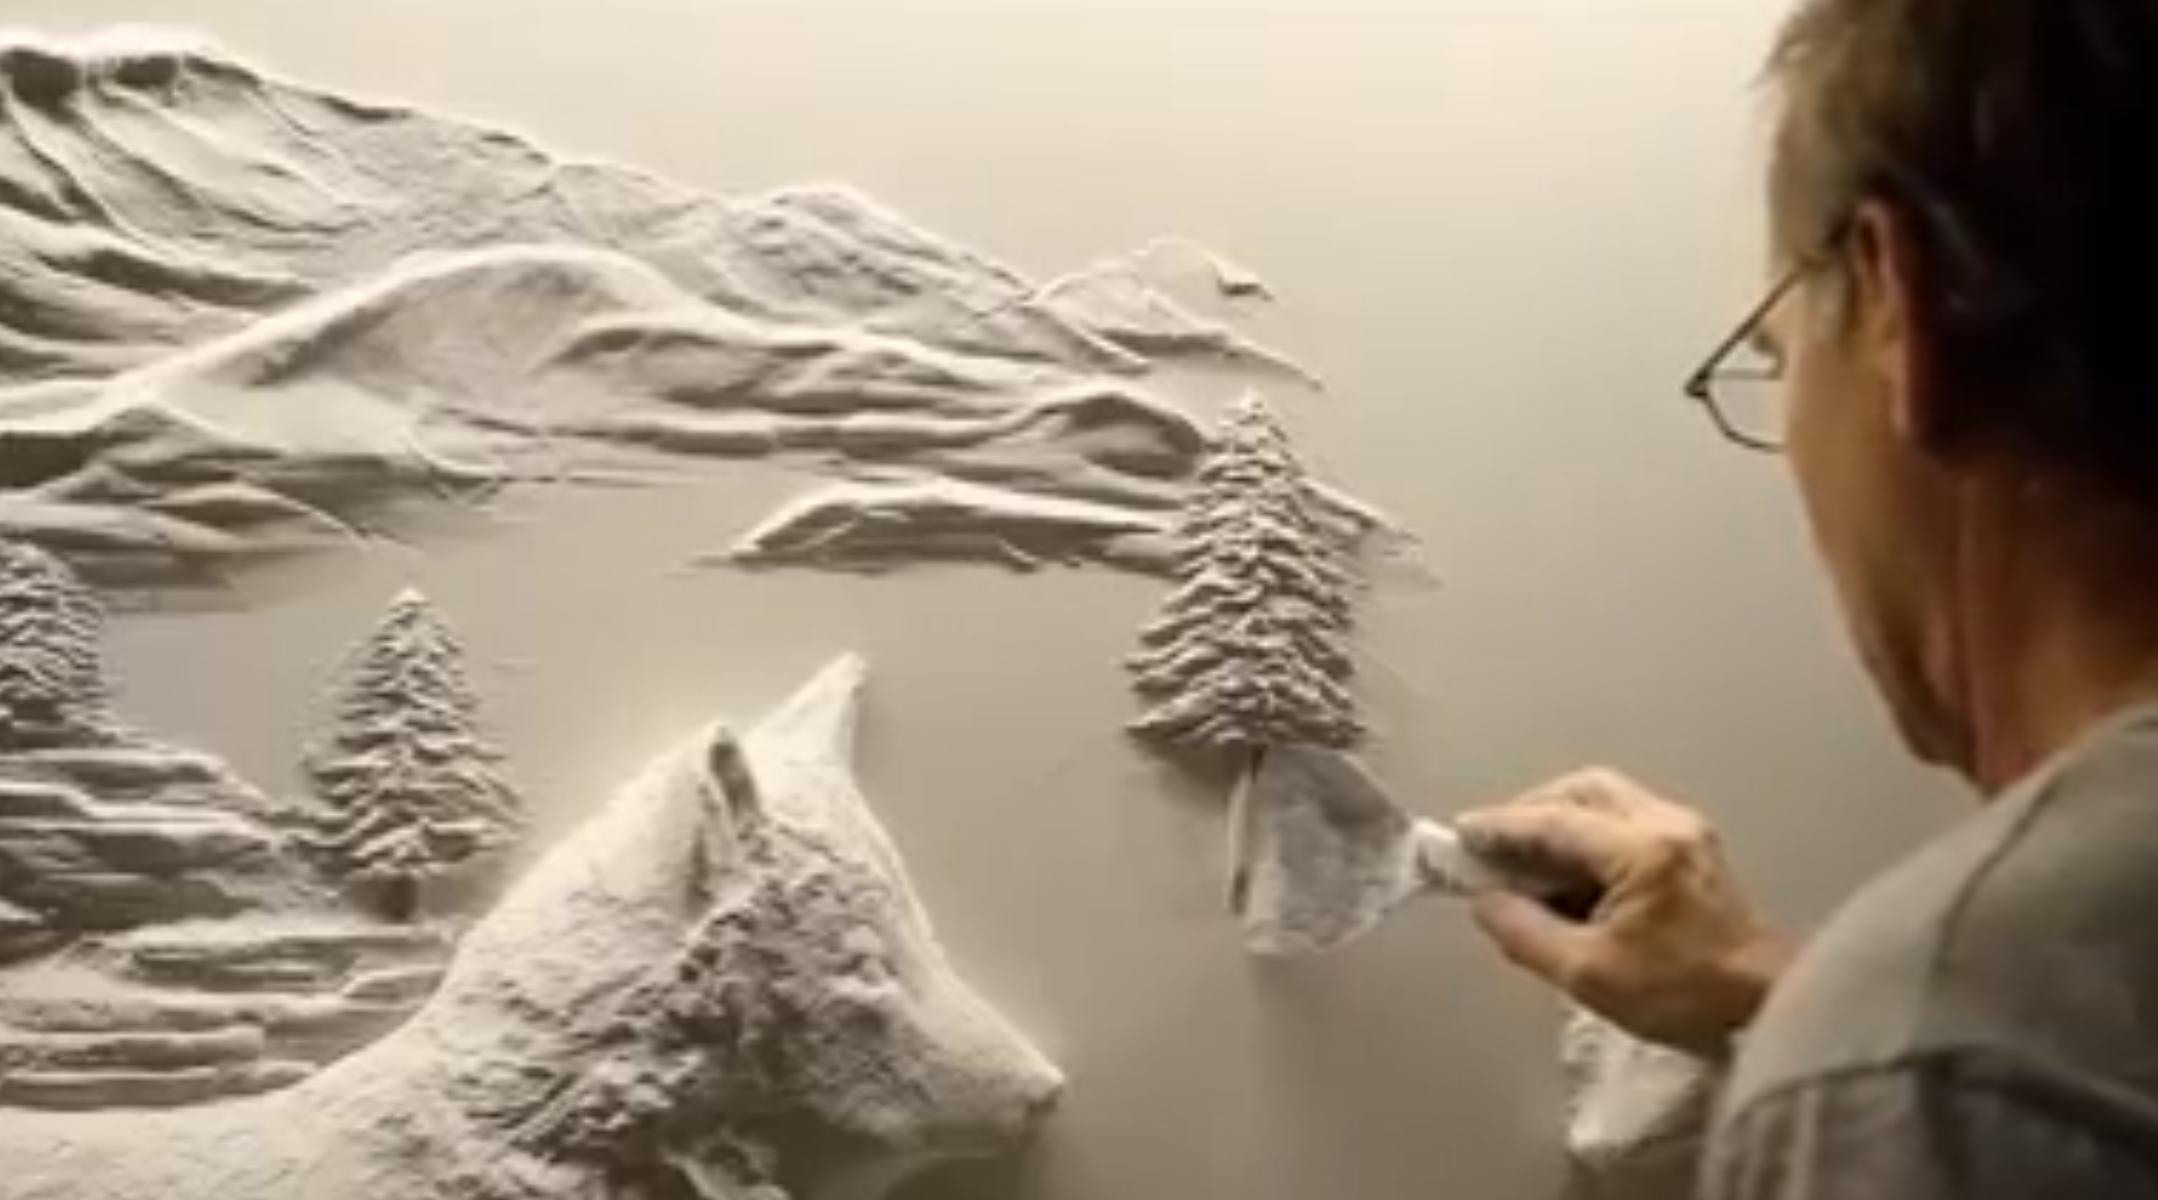 Avec un peu de plâtre, cet homme réalise une décoration murale magnifique